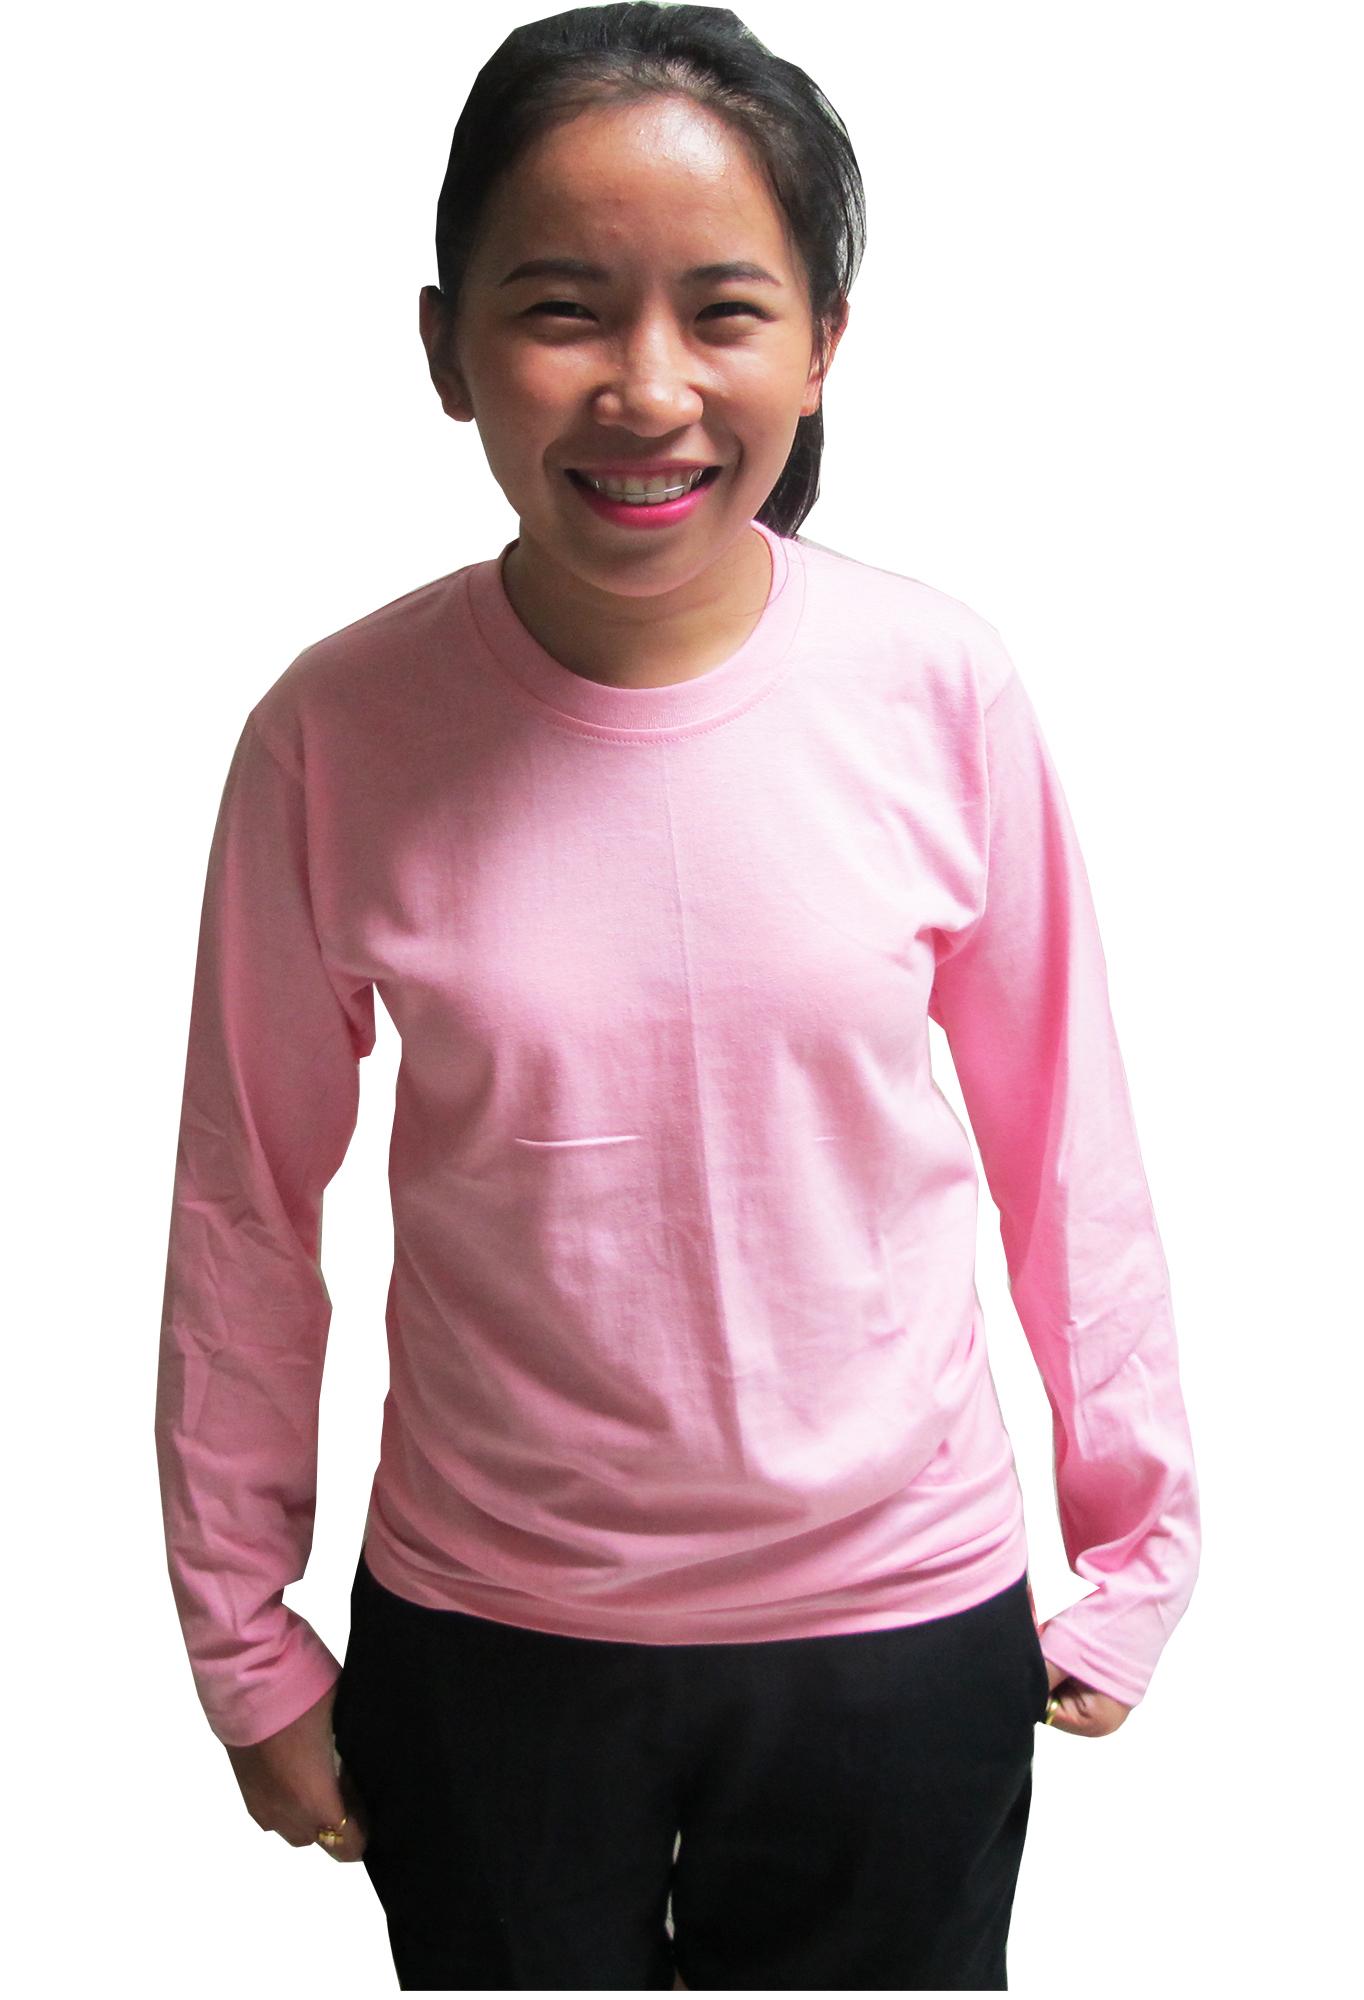 เสื้อยืดคอกลมแขนยาว สีชมพู